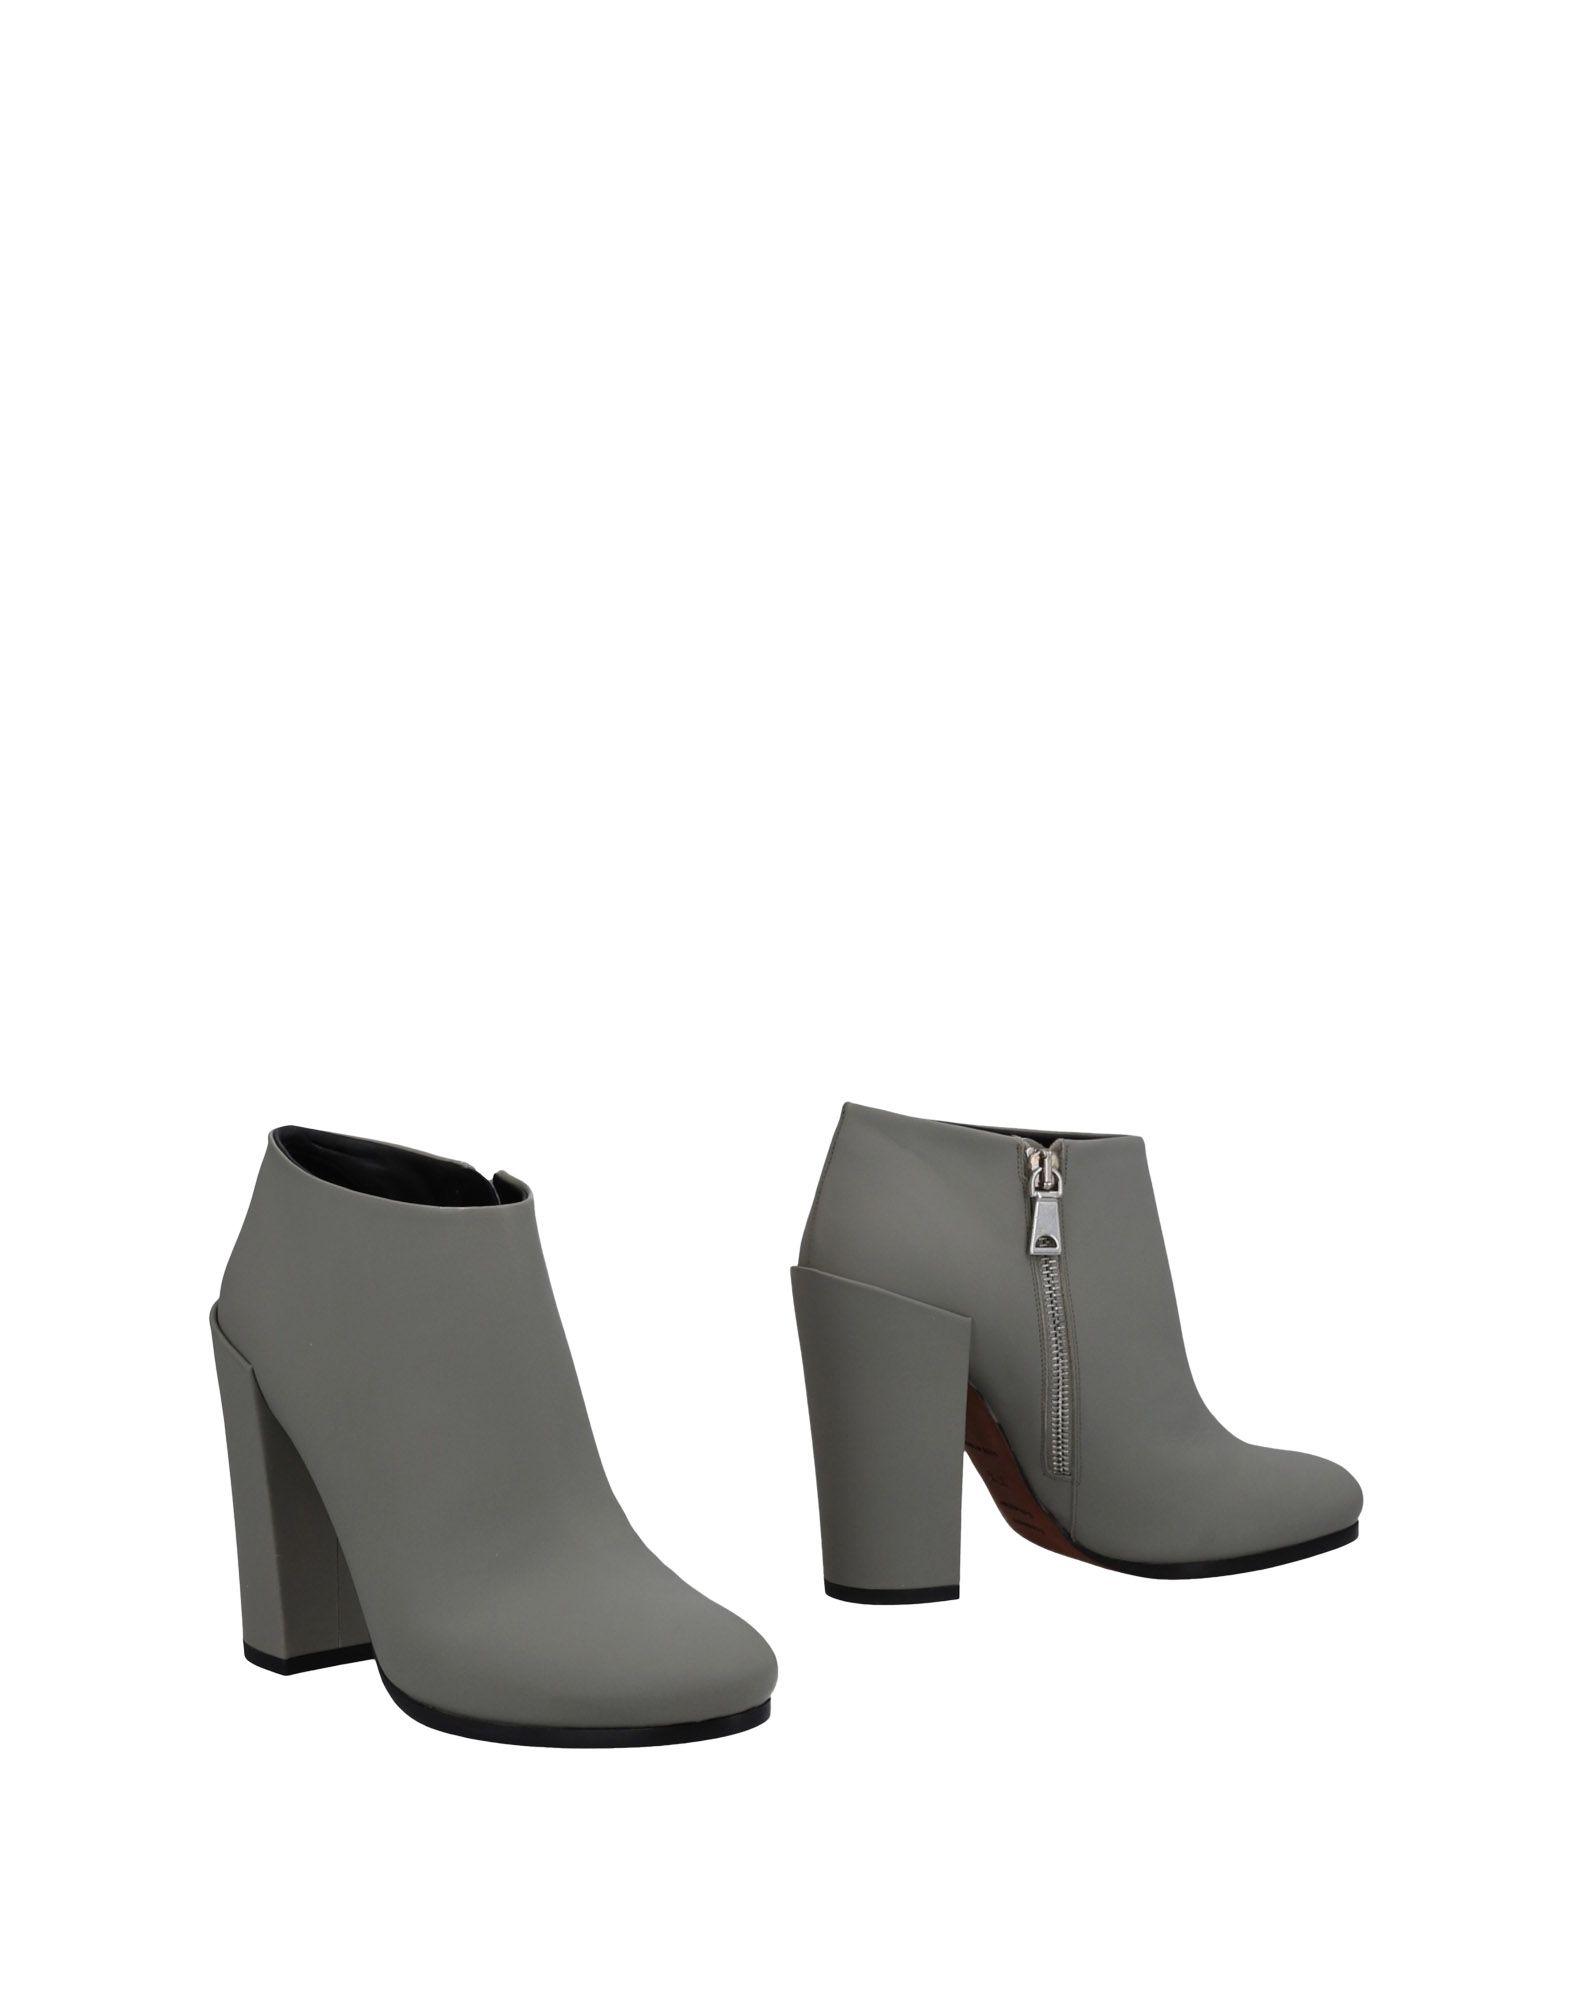 Proenza Schouler Stiefelette Damen  11488850VCGut aussehende strapazierfähige Schuhe